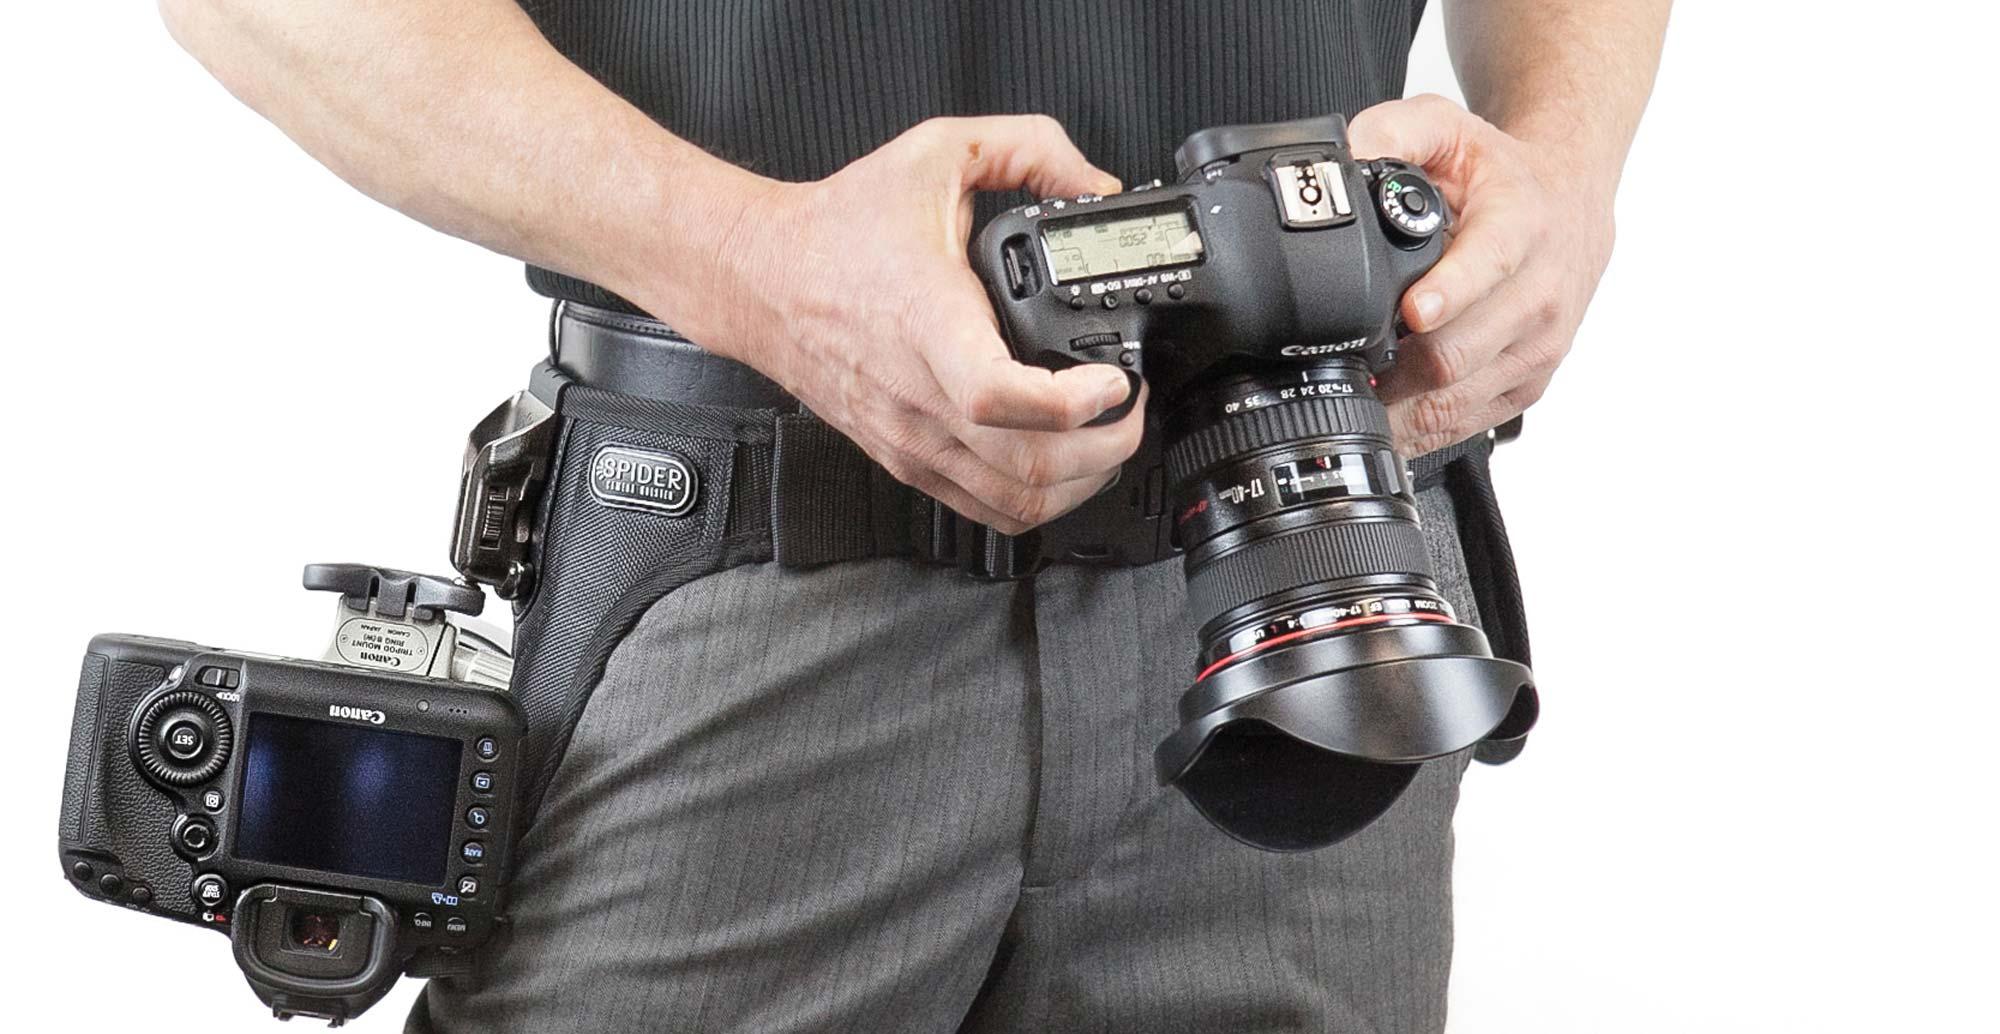 SPIDER PRO v2 Dual Camera System – Hüft-Tragesystem mit Hüftgurt und Holster für 2 prof. DSLRs